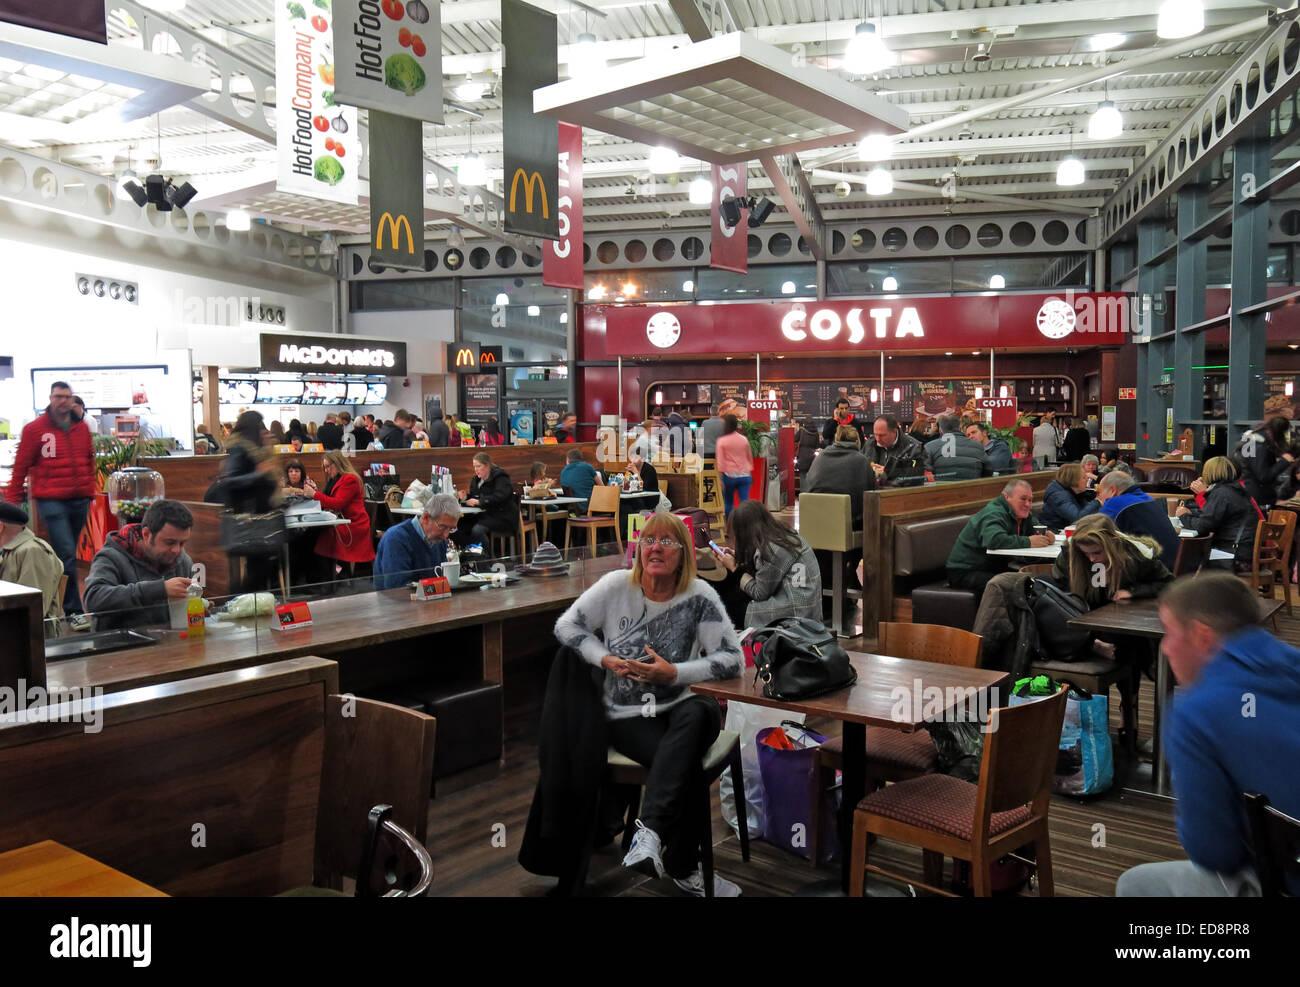 Laden Sie dieses Alamy Stockfoto Strensham Roadchef Dienste, Costa Coffee, M5, Upton auf Severn, Worcester, England, UK - ED8PR8